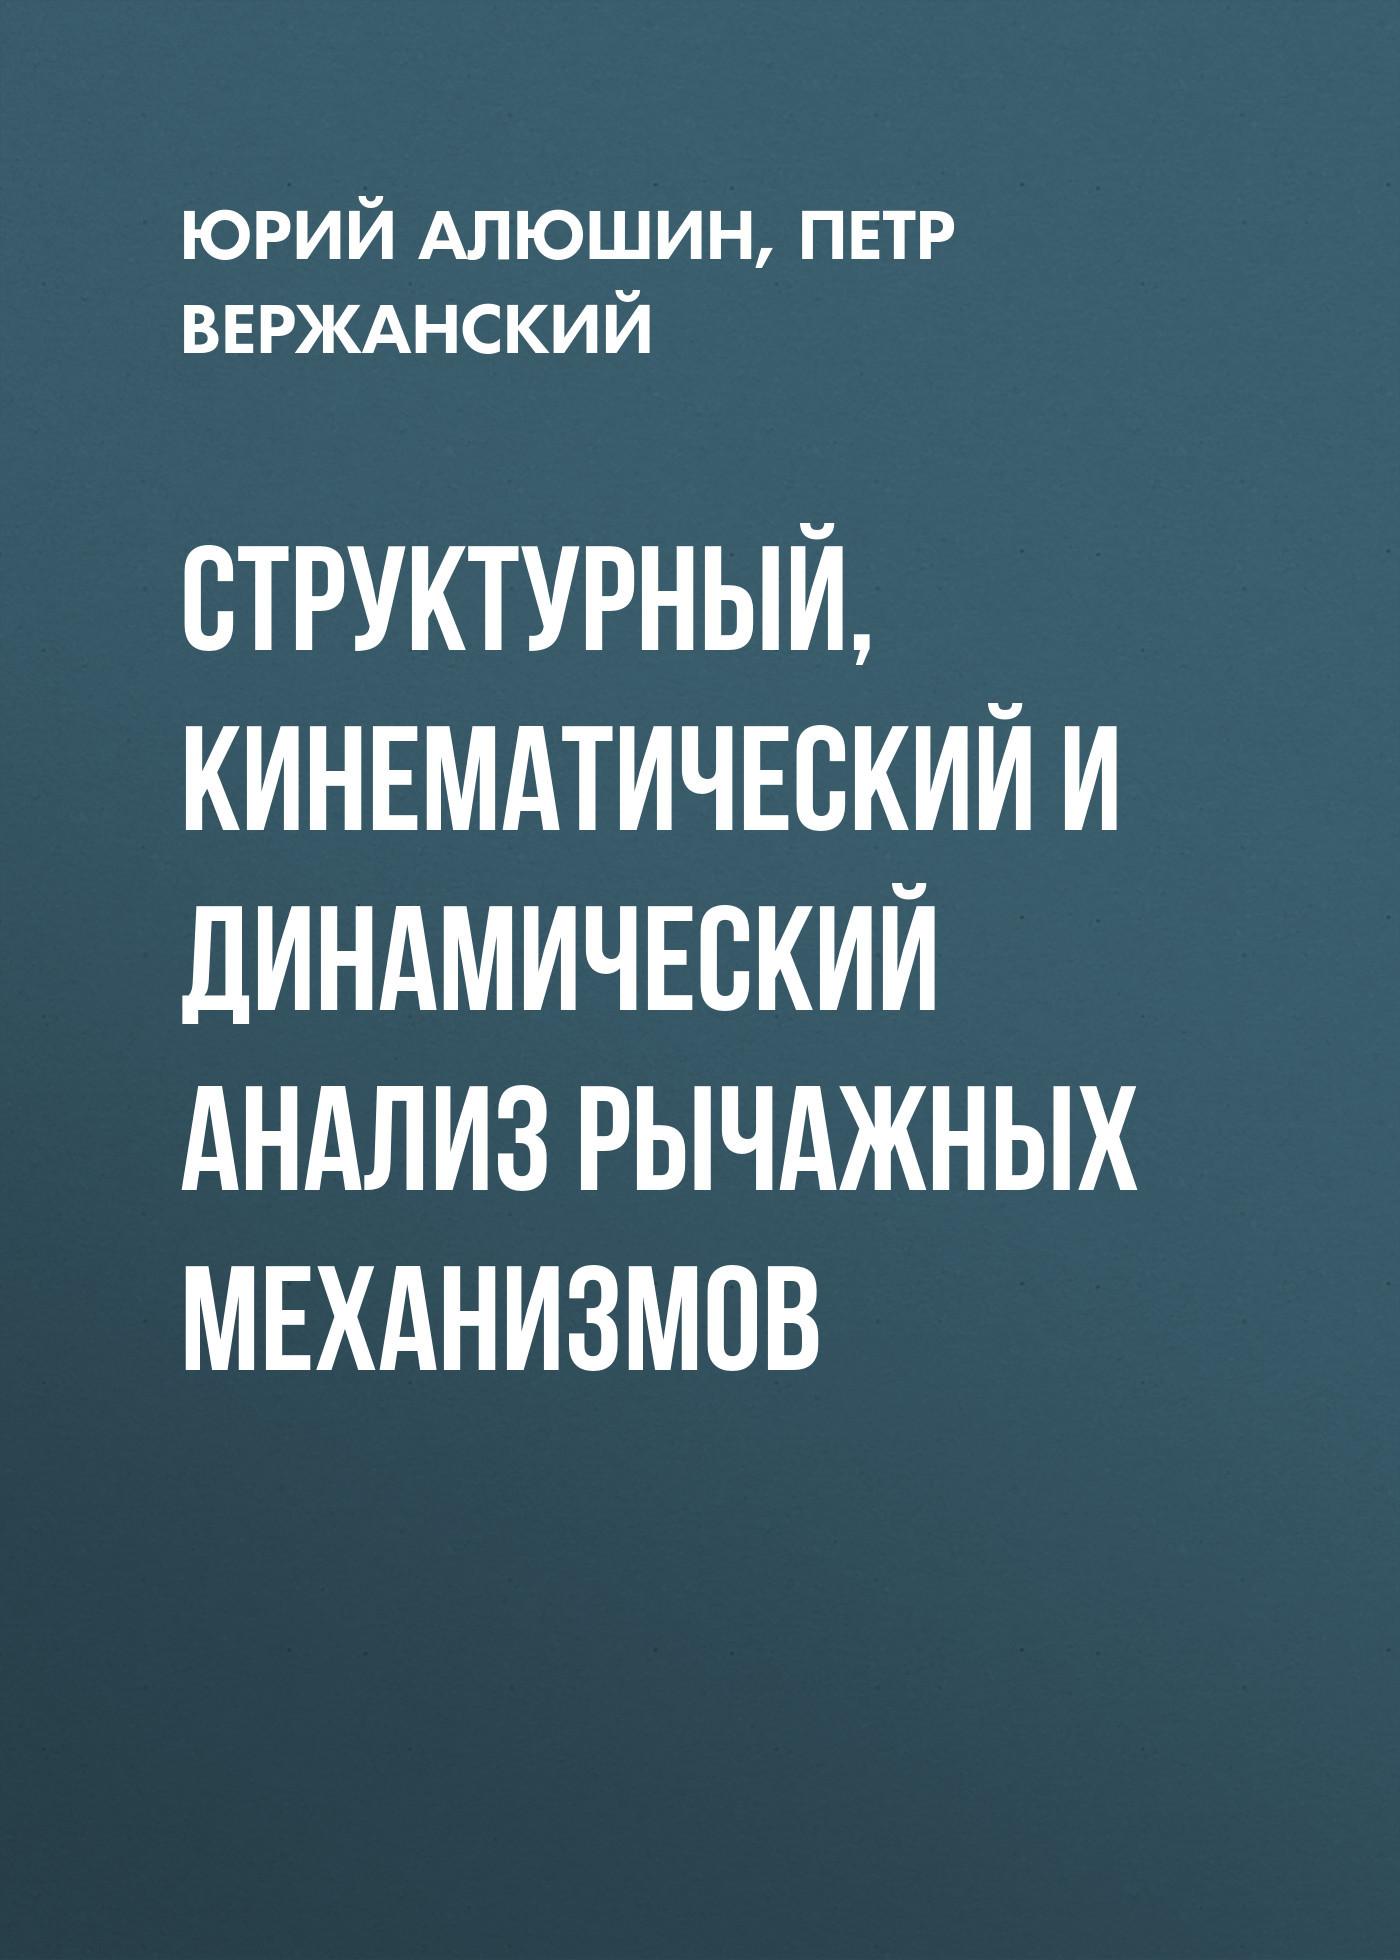 Петр Вержанский. Структурный, кинематический и динамический анализ рычажных механизмов